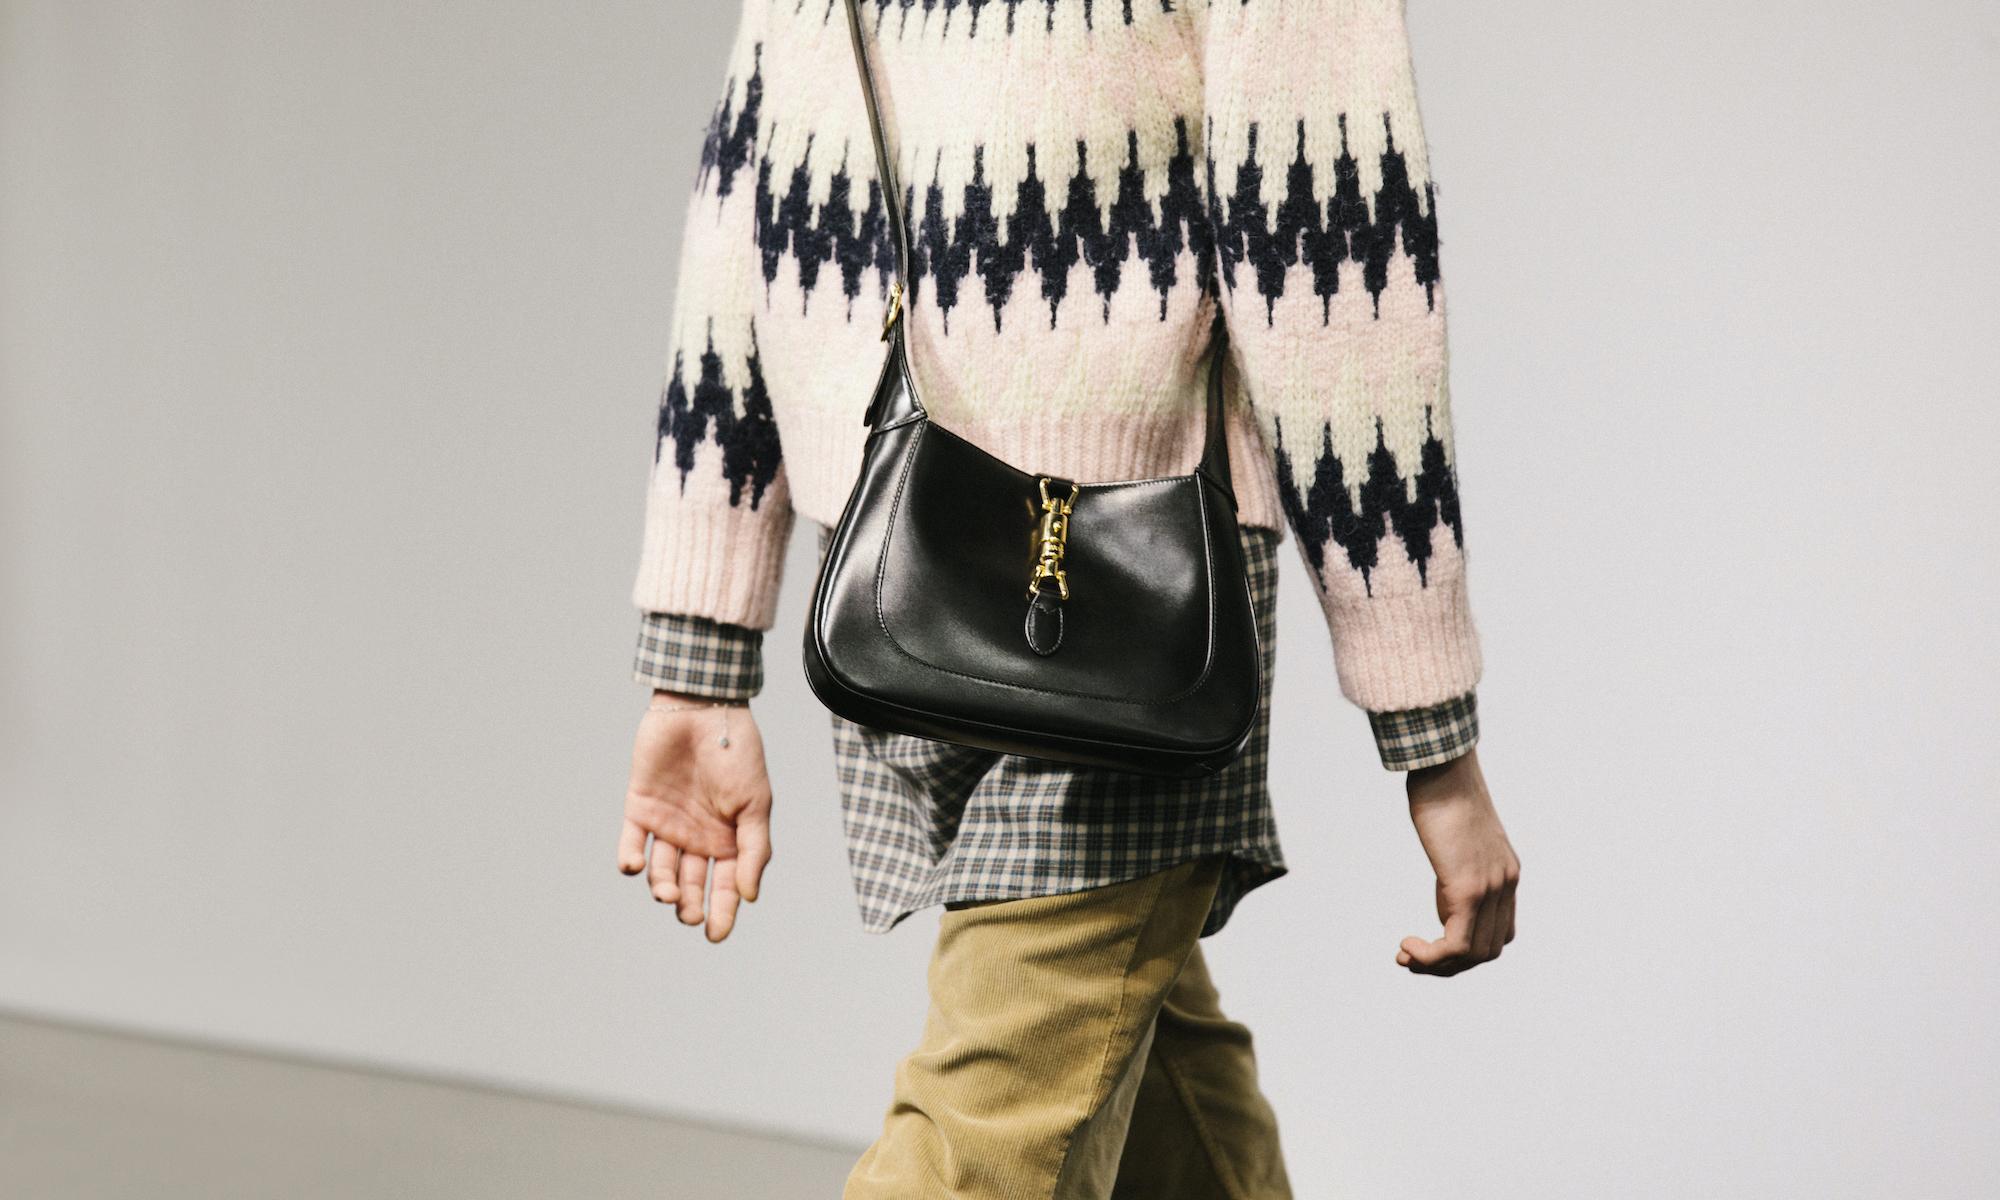 GUCCI 登顶全球最热门品牌,时尚平台 Lyst 发布第三季度统计数据